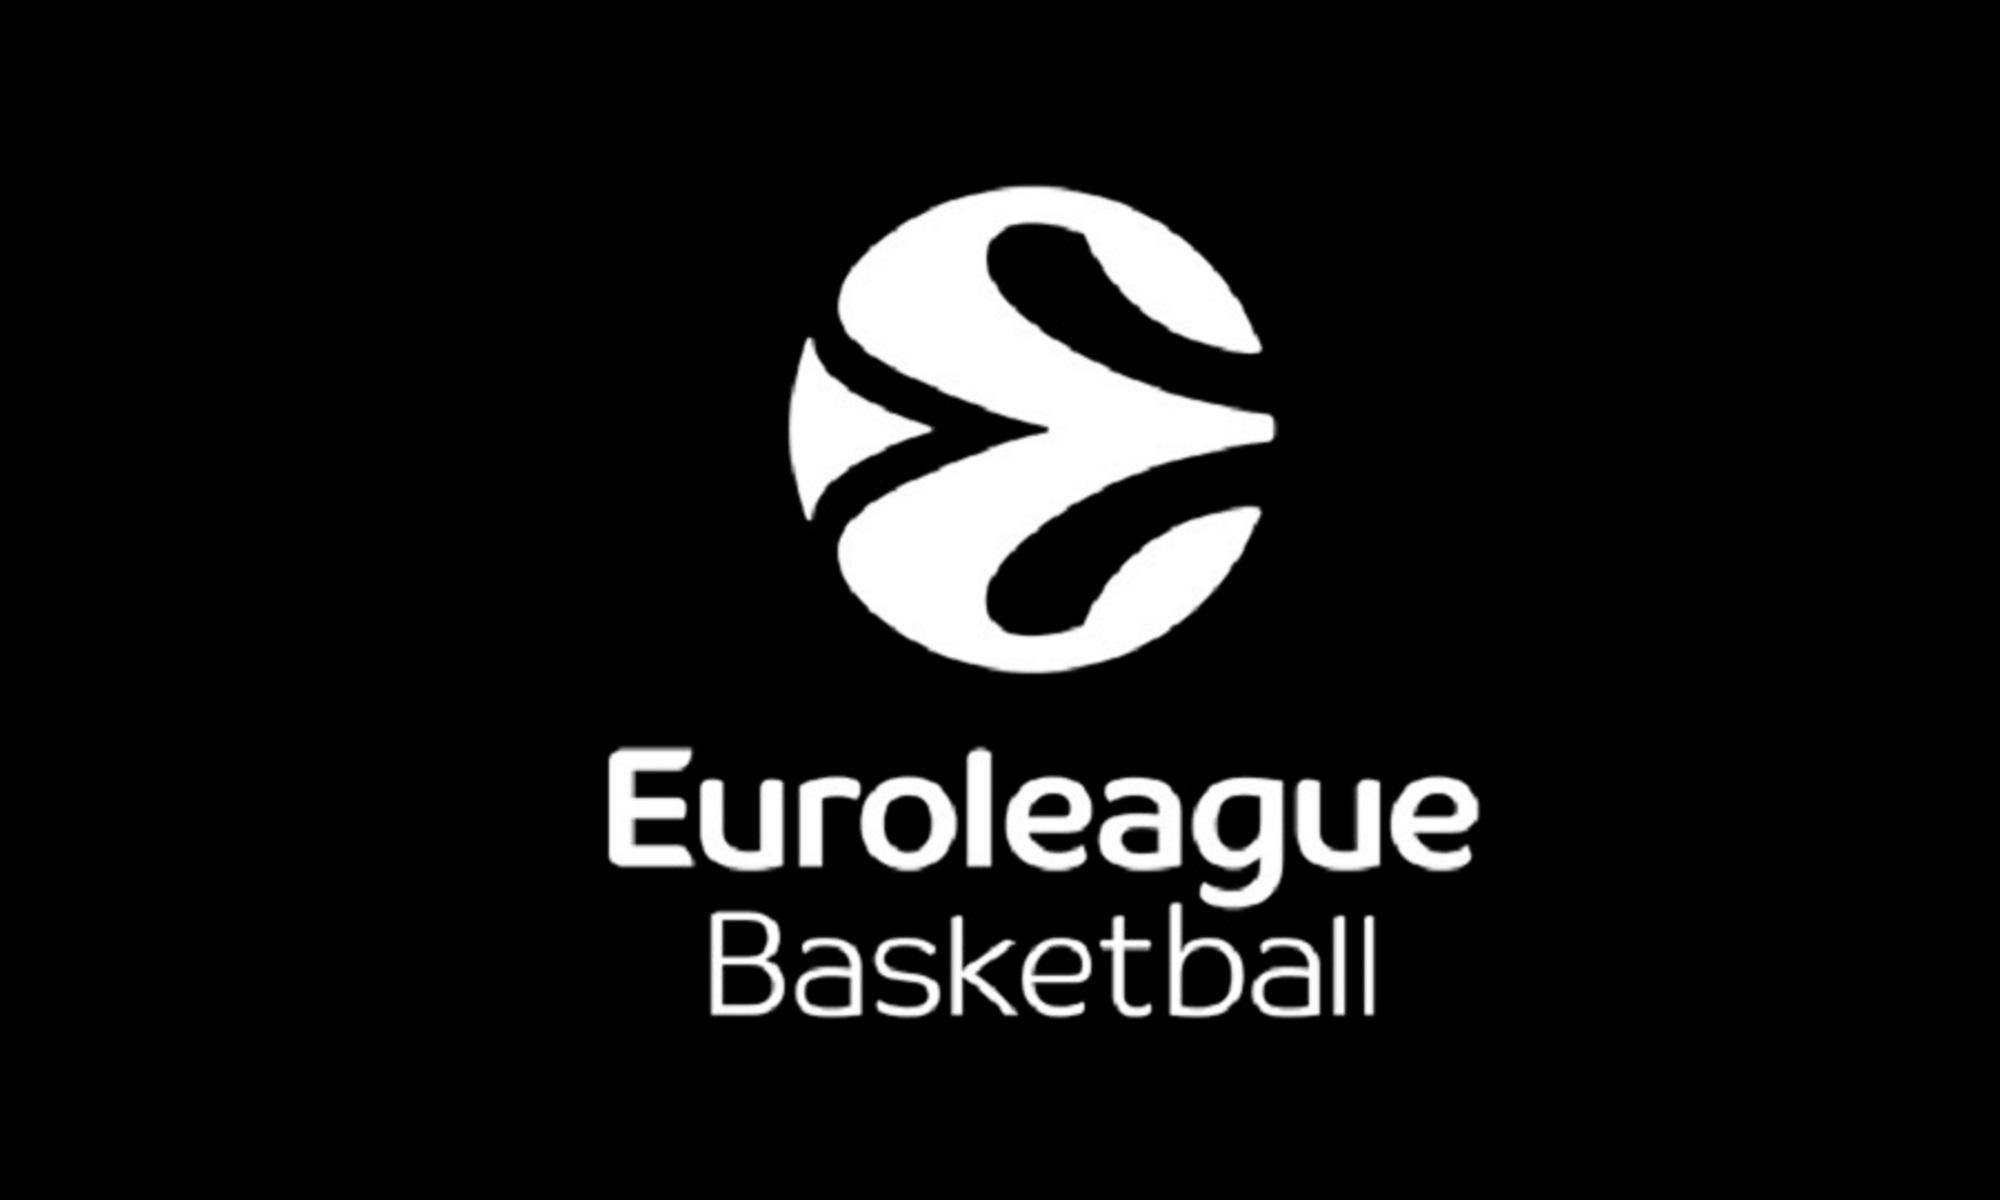 Σεισμός στη Σάμο: Δίπλα στους πληγέντες η Euroleague